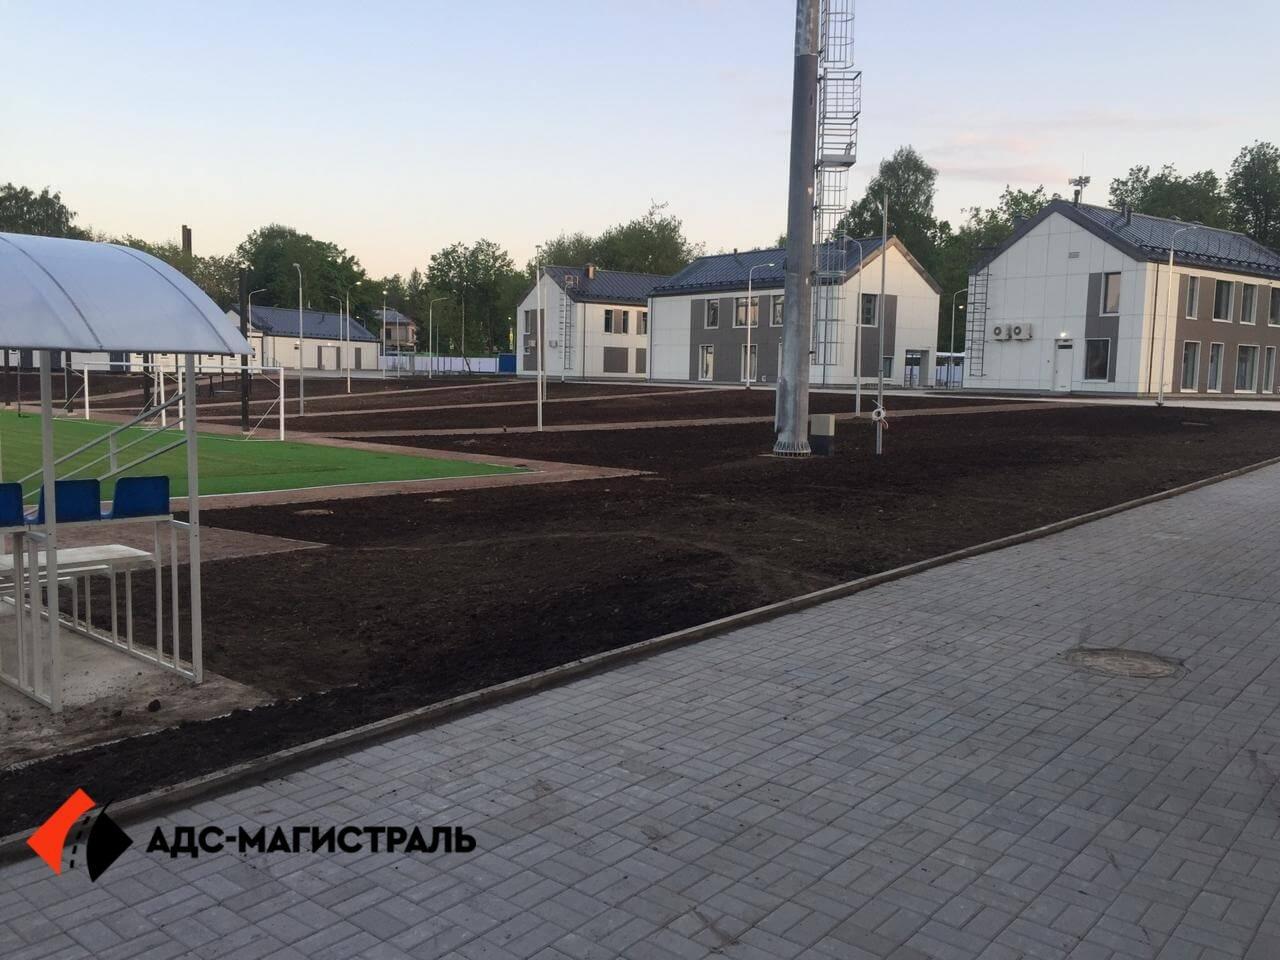 Благоустройство территории стадиона в г. Павловск фото 10